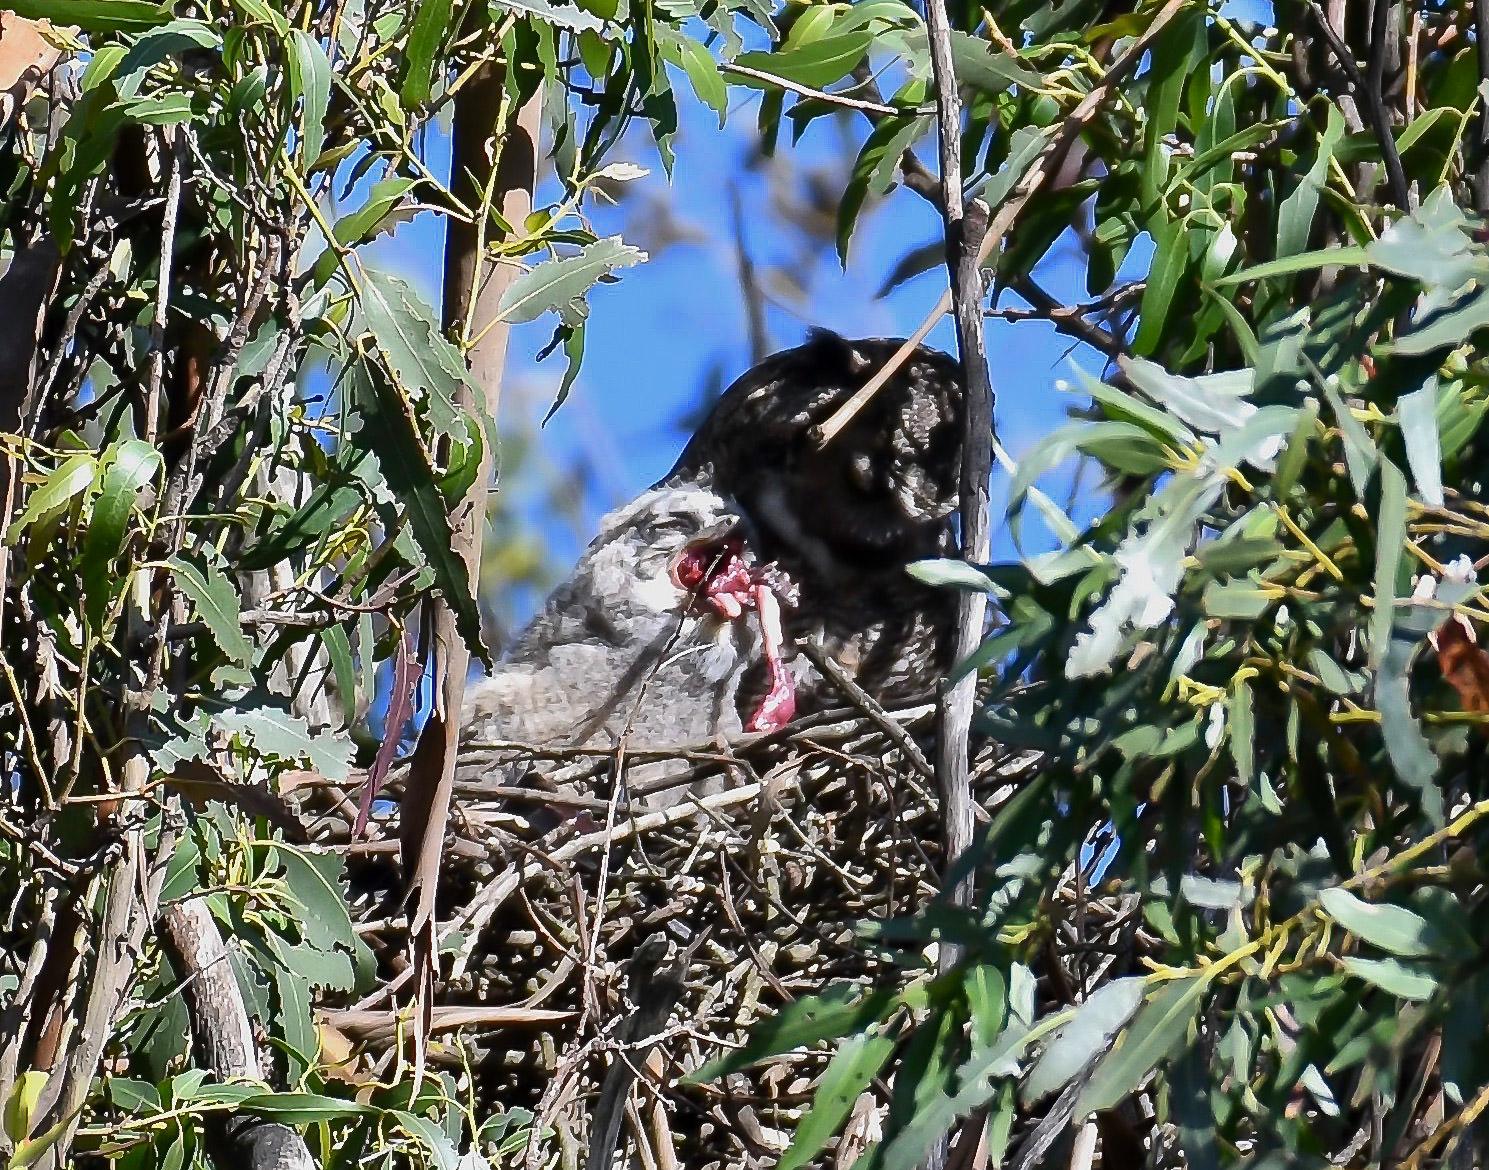 baby great horned owl in nest feeding.jpg